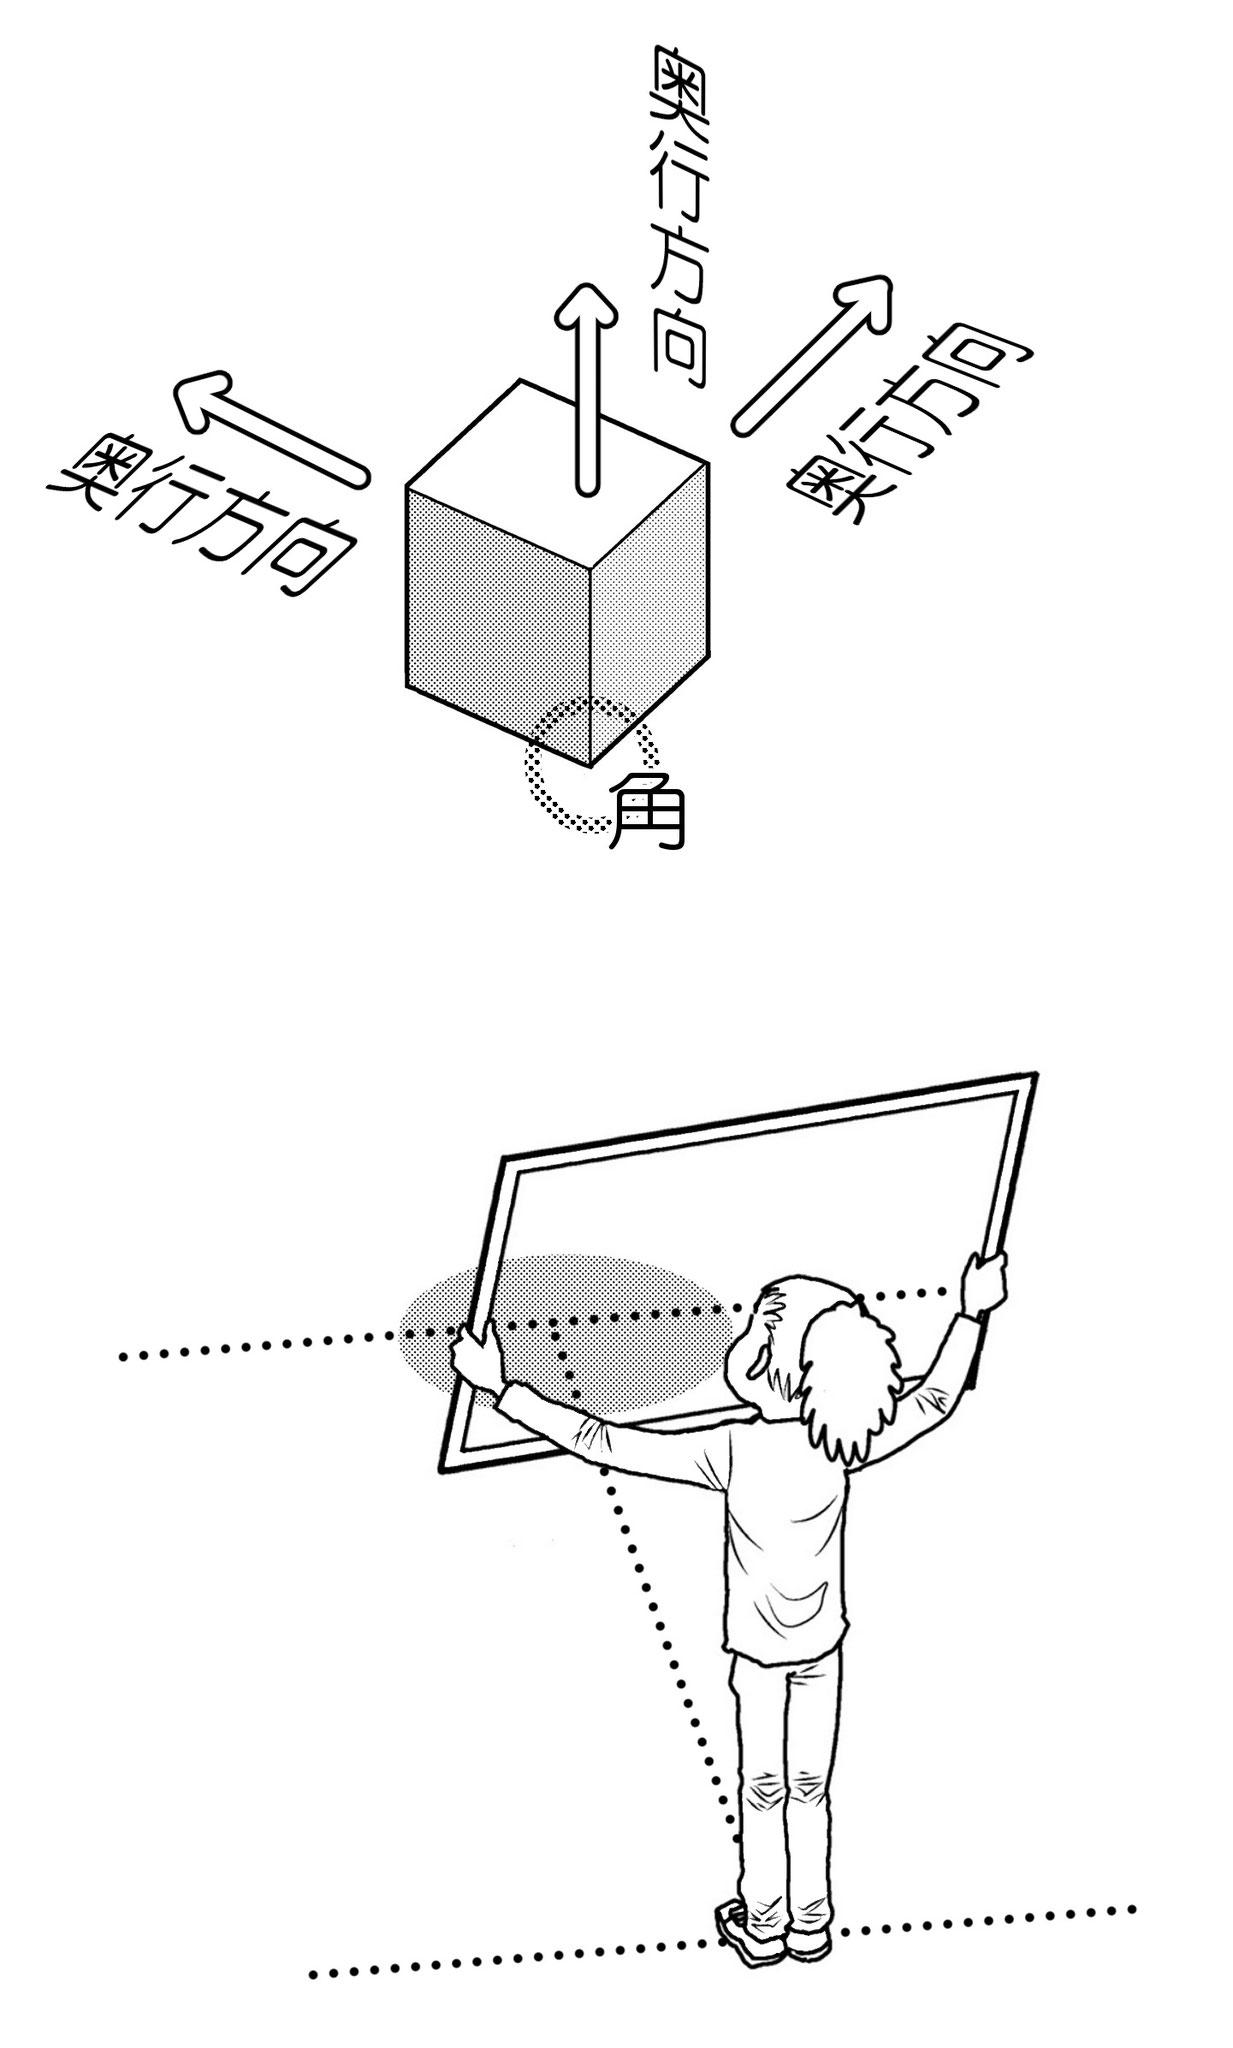 一つの「角」に対して向き合う形で箱を見る